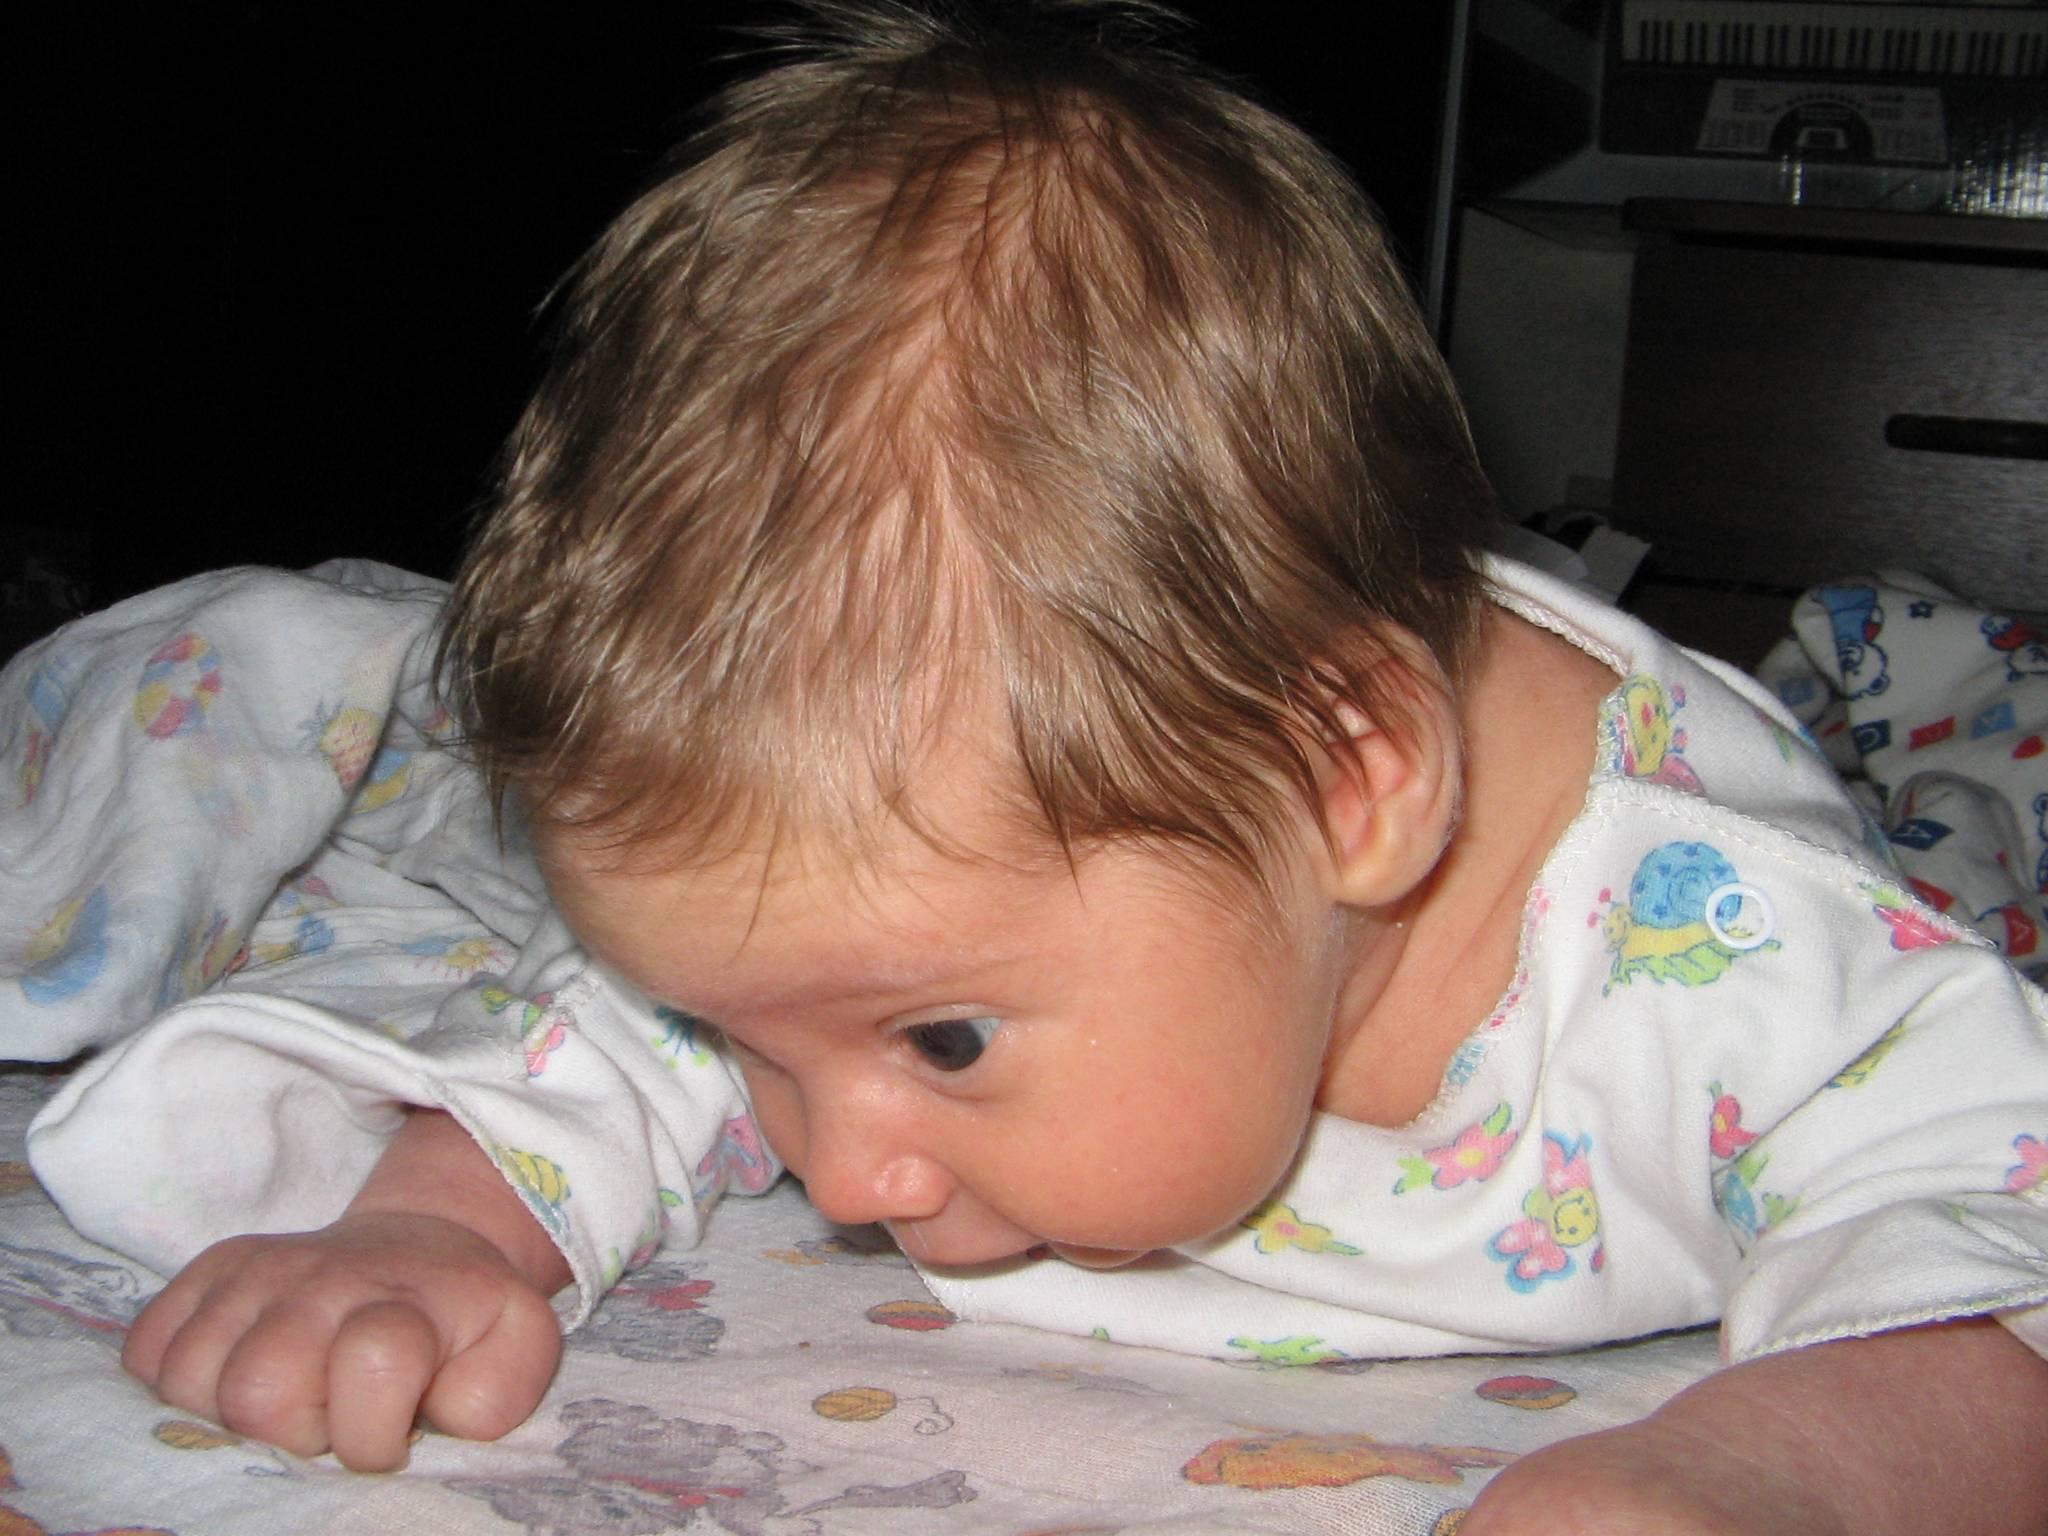 Почему у грудного ребенка сильно потеет голова во время сна?